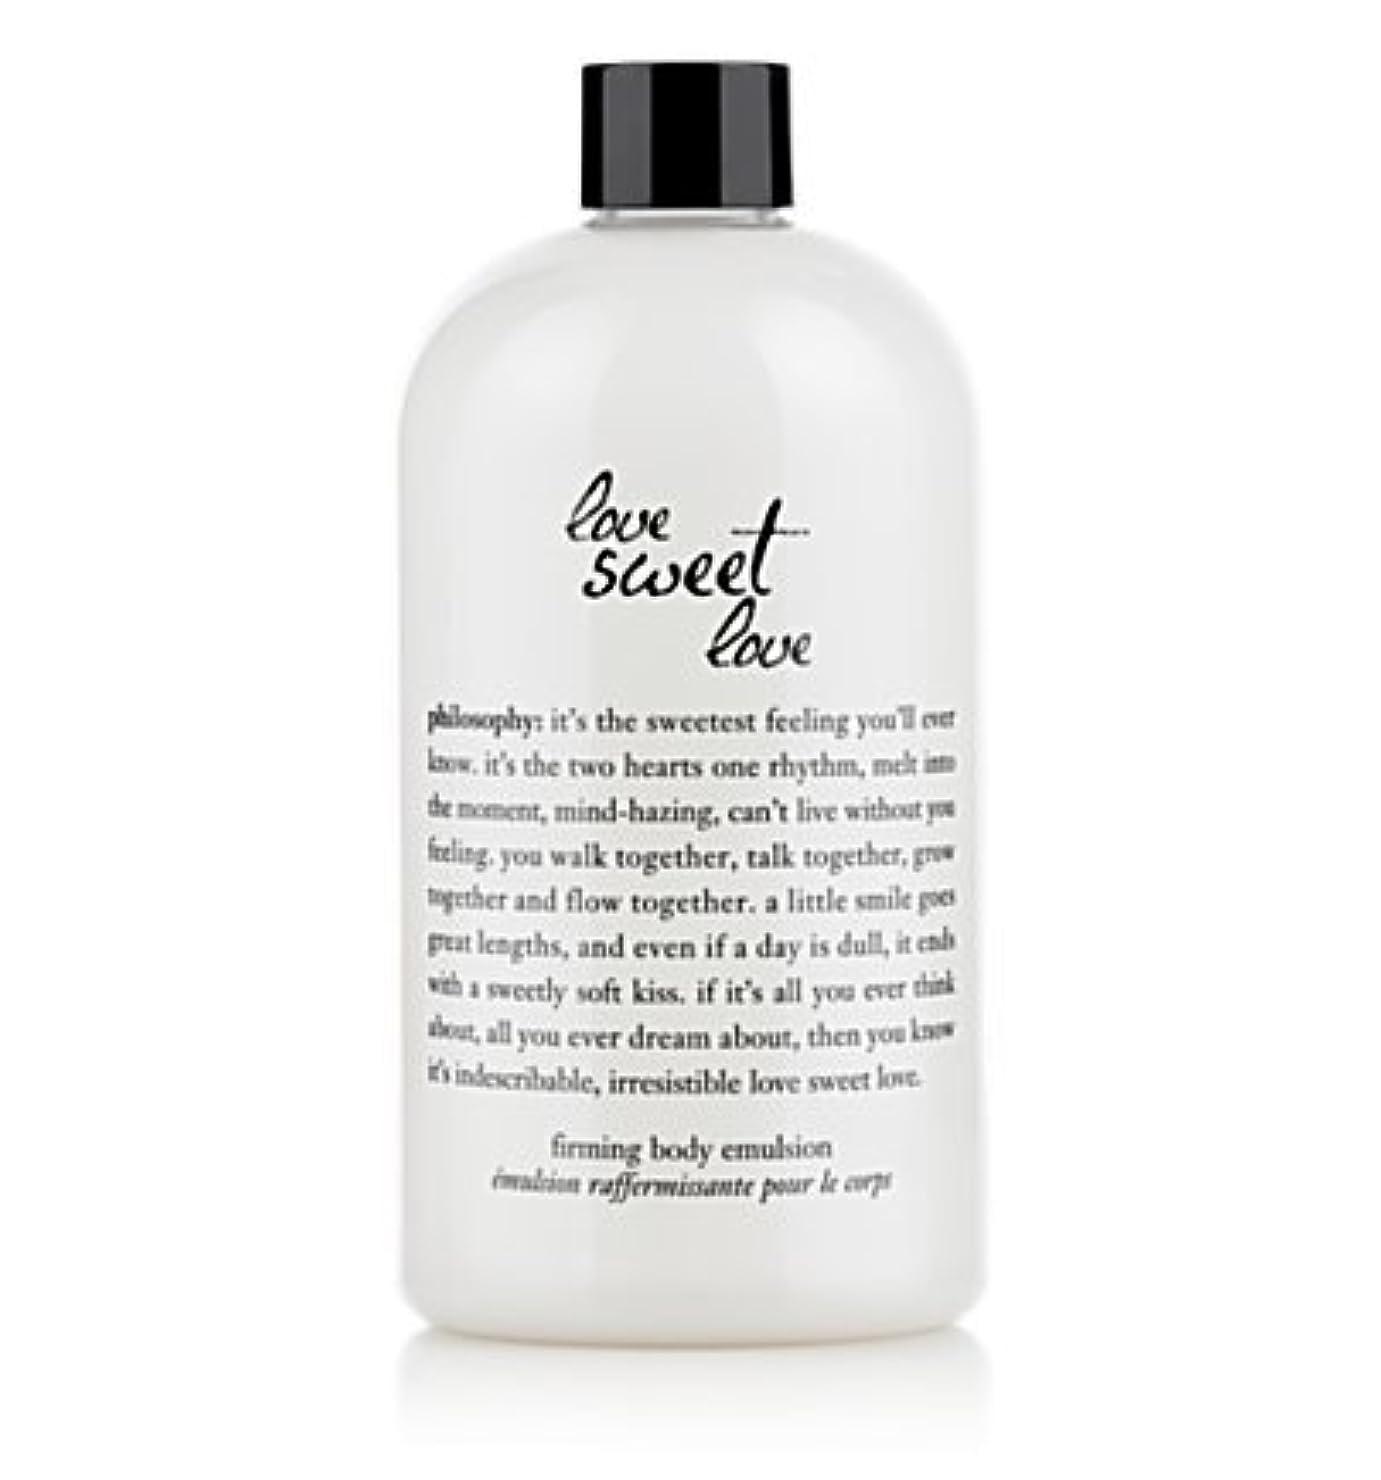 怠ディスカウントエクスタシーlove sweet love (ラブスイートラブ ) 16.0 oz (480ml) firming body emulsion for Women